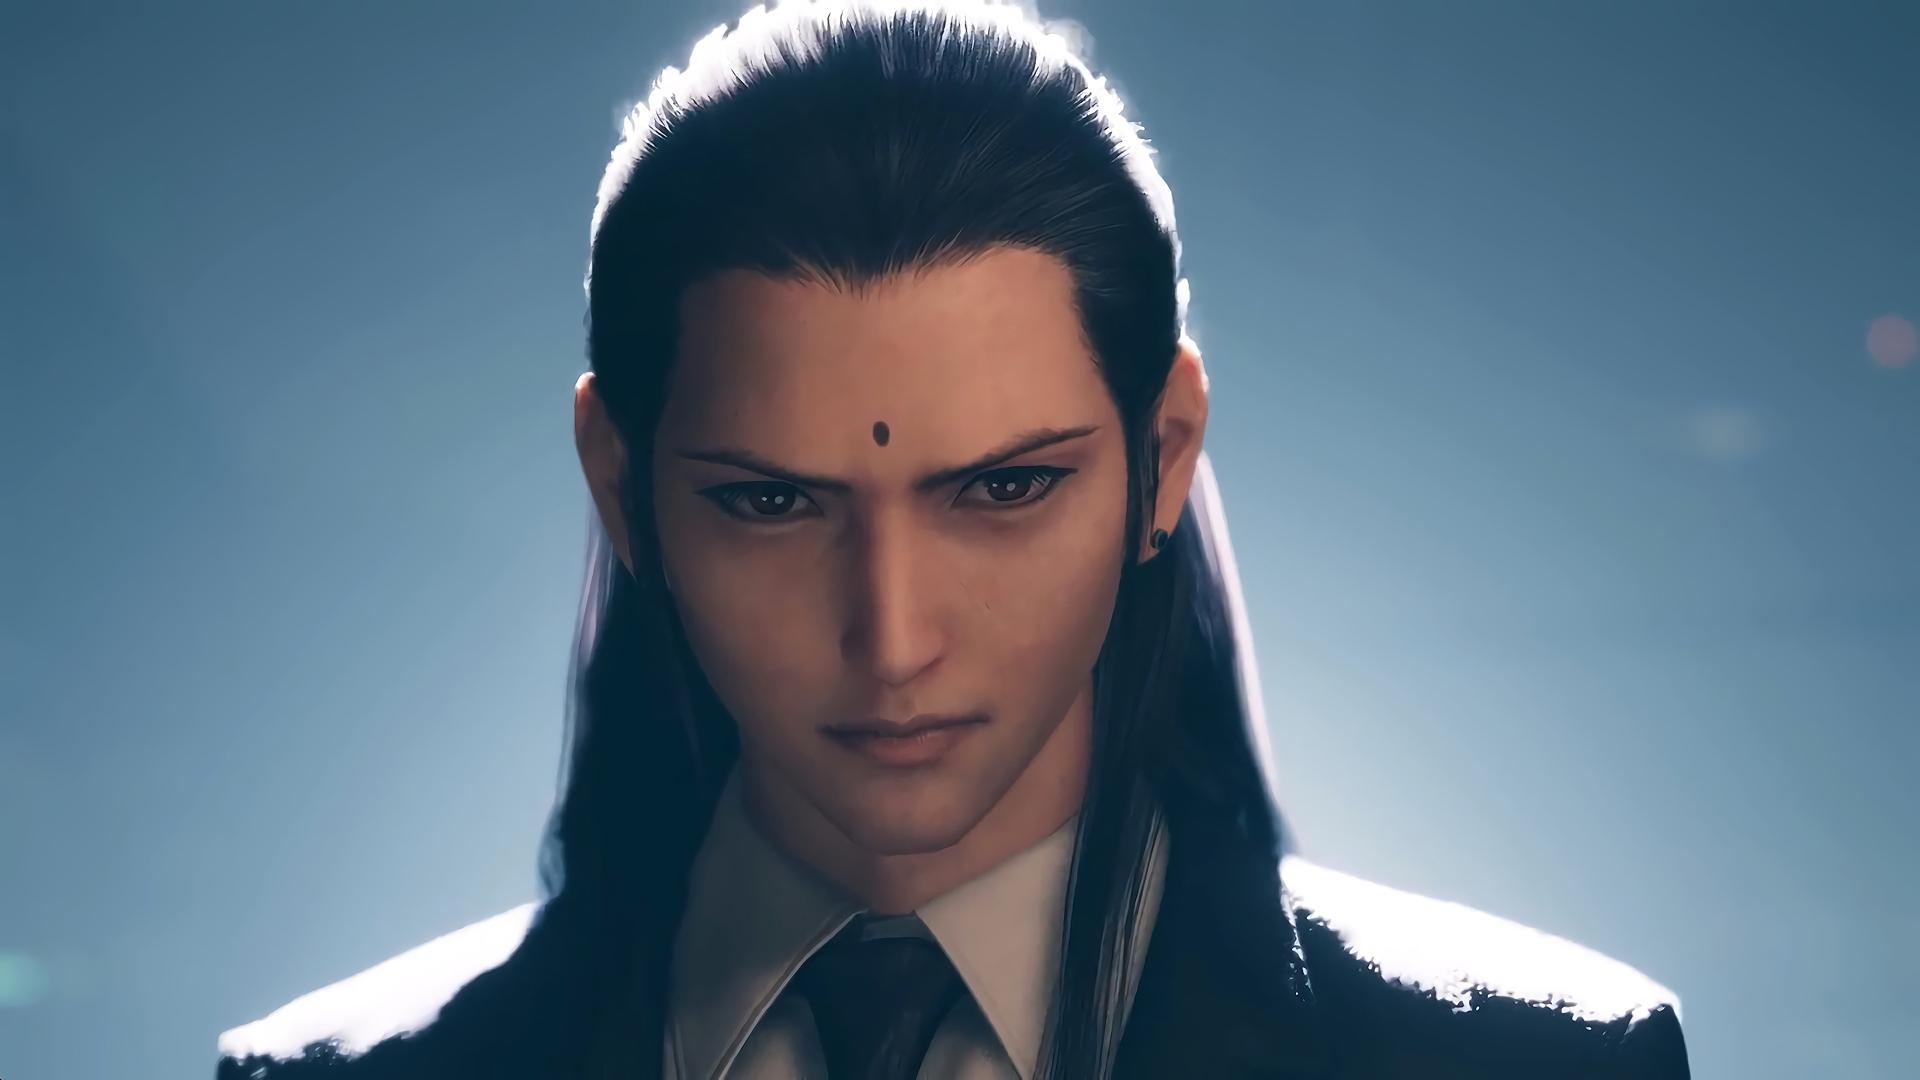 1920x1080 Tseng Final Fantasy 7 Remake 1080p Laptop Full Hd